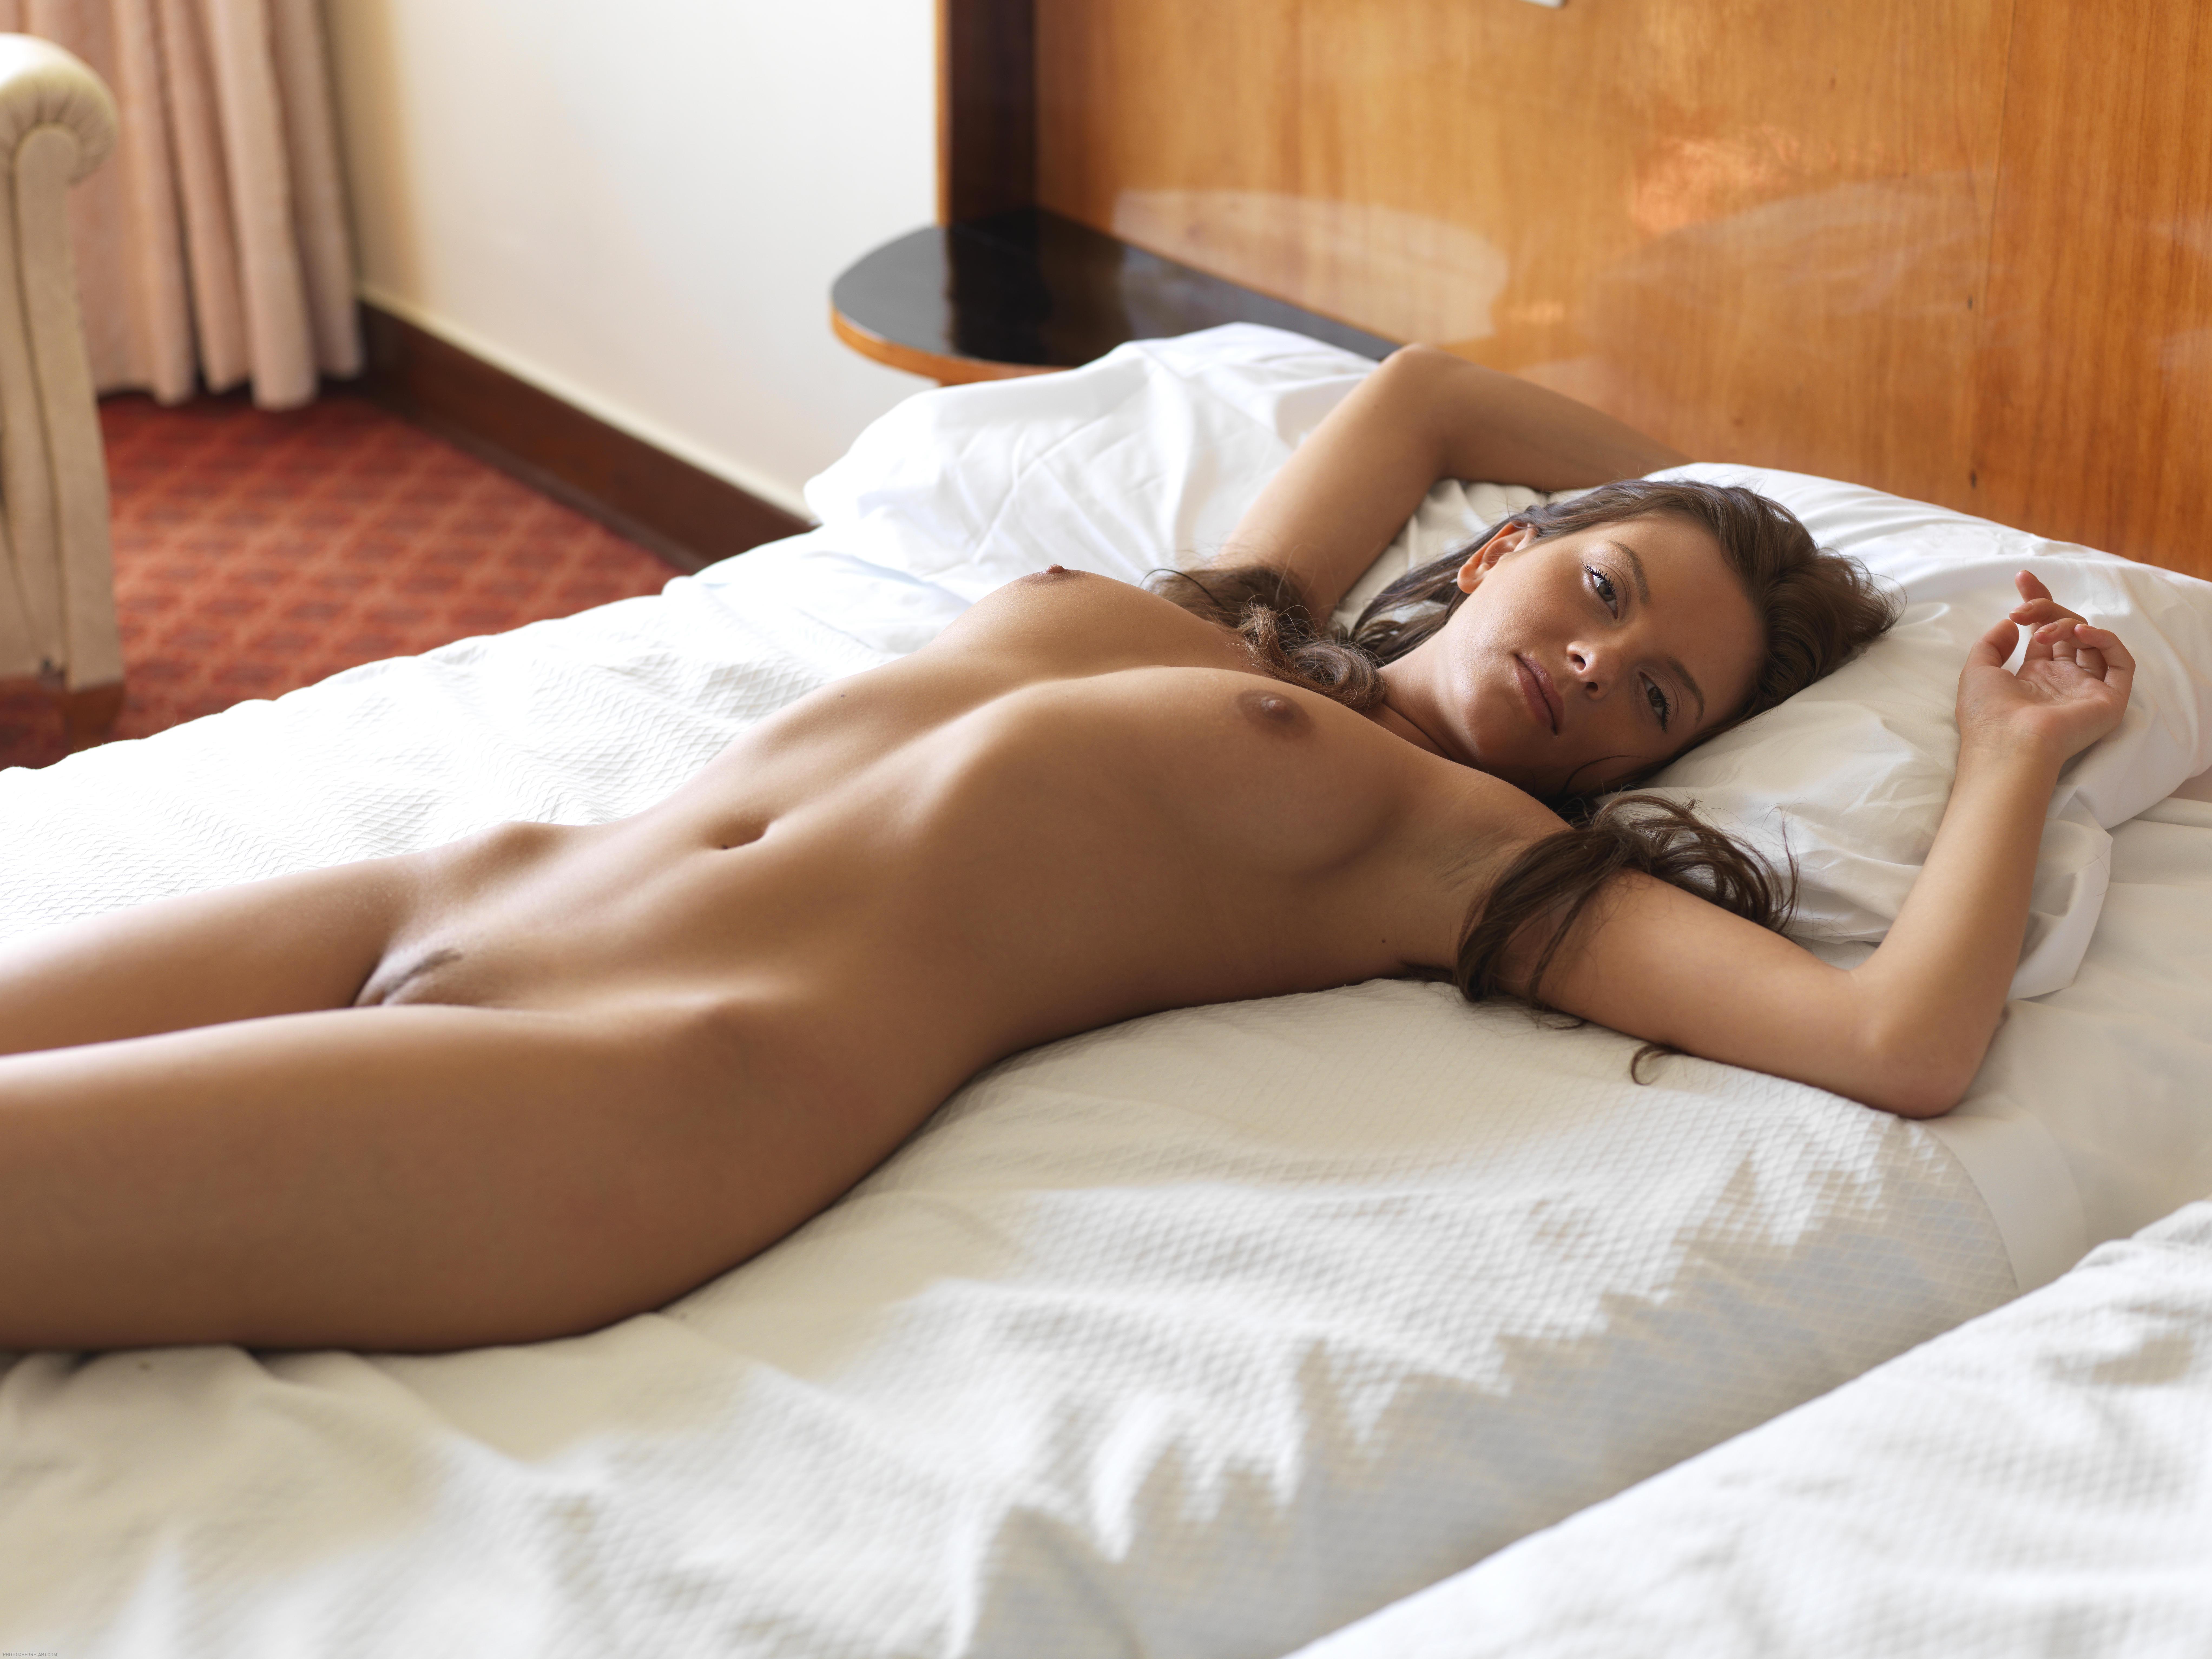 Спящая голая девушка онлайн, Порно со спящими девушками 26 фотография